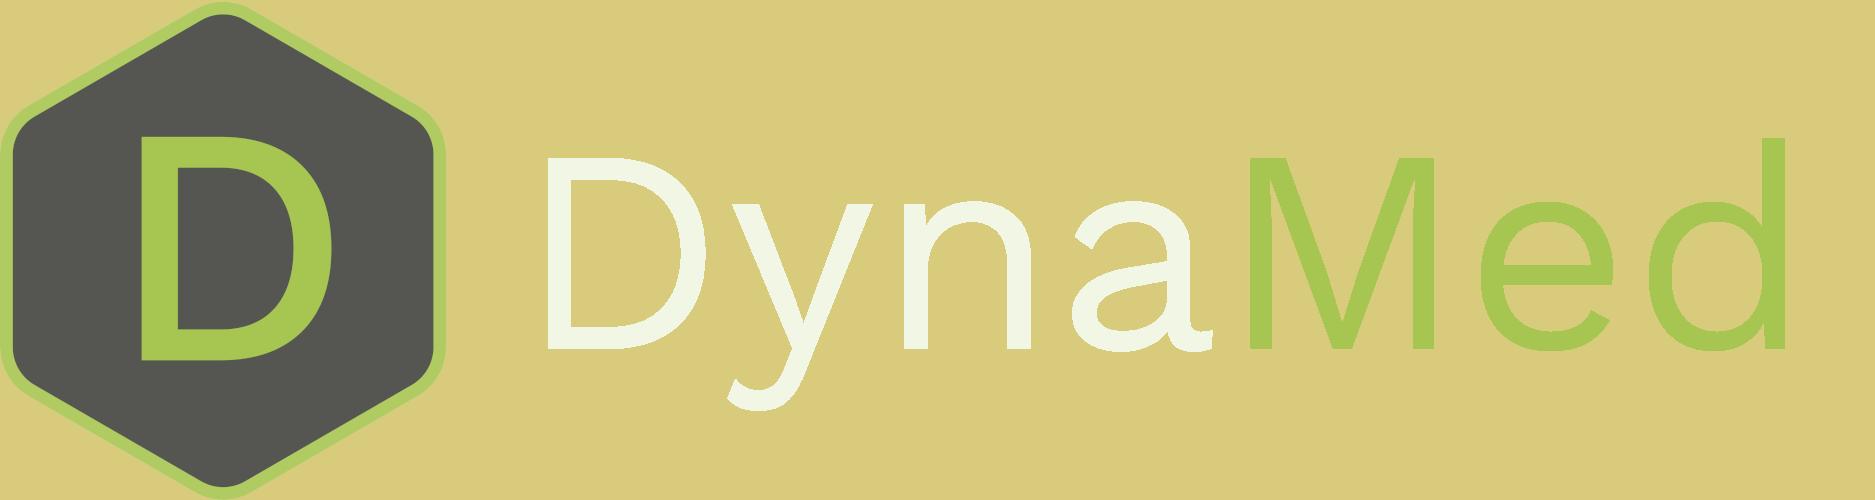 DynaMed Wiki